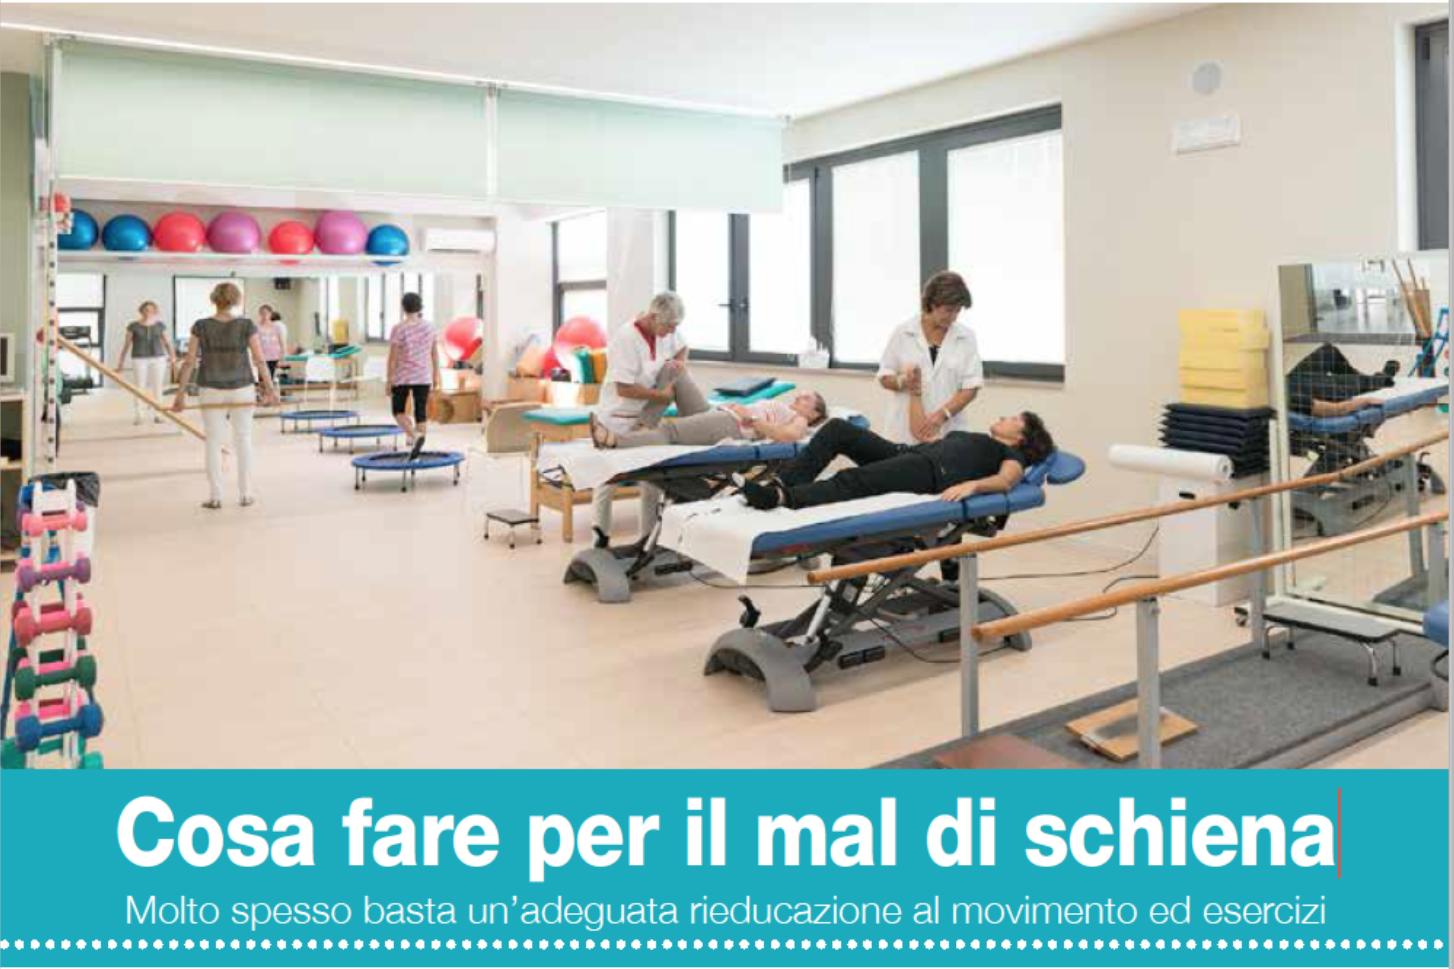 Sequenza di SBLOCCO rapido per MAL DI SCHIENA - Ed. Pasquale